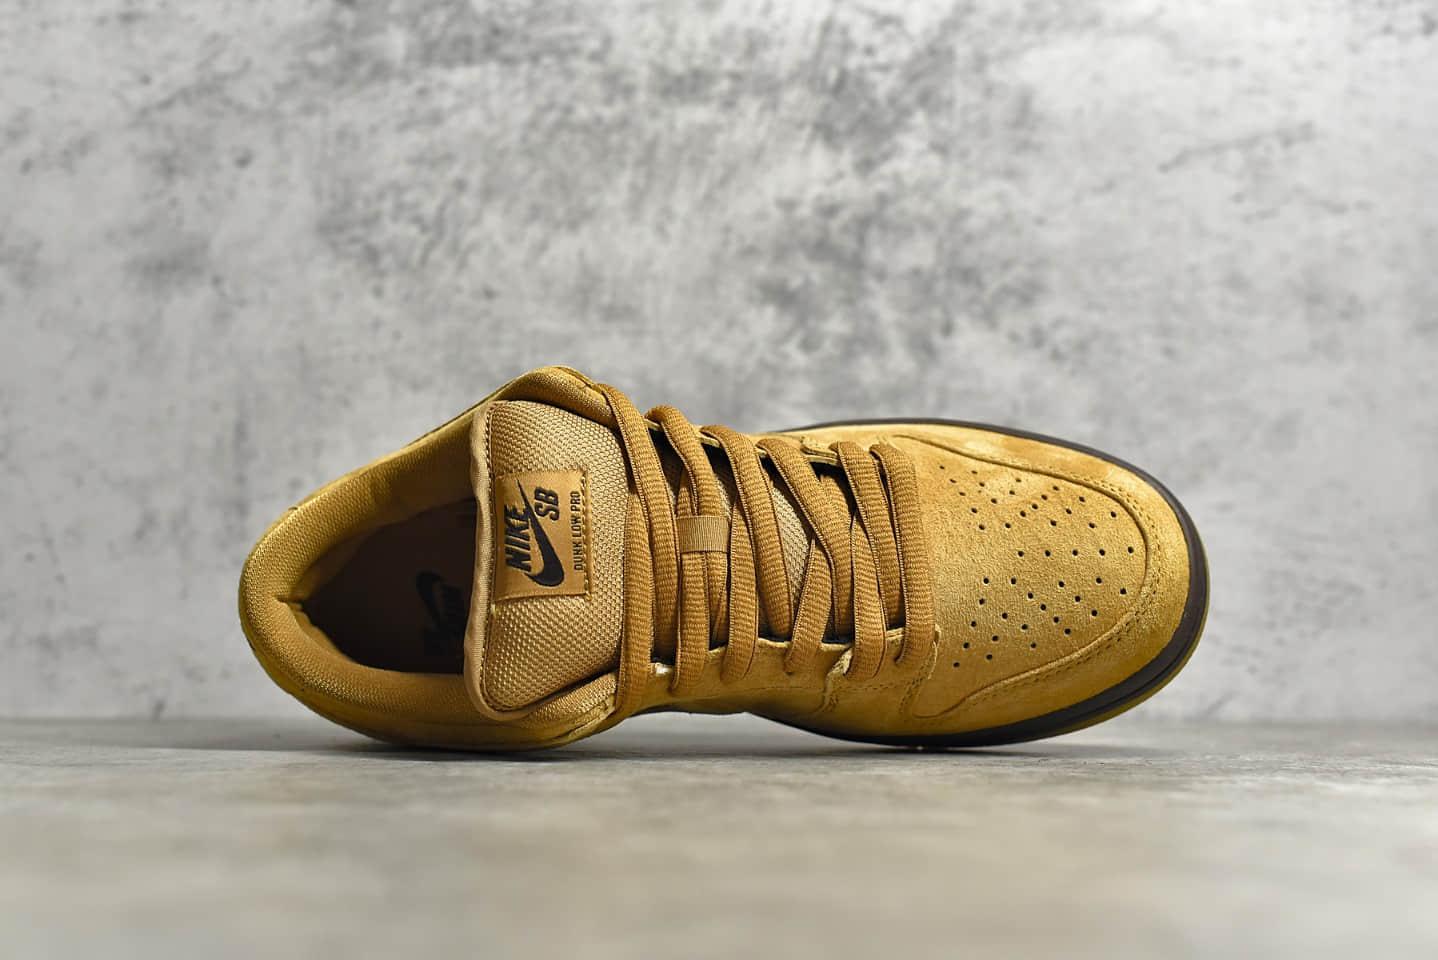 耐克Dunk SB小麦低帮板鞋 NIKE SB Dunk Low Pro 纯原版本耐克小麦麂皮板鞋 货号:BQ6817-204-潮流者之家